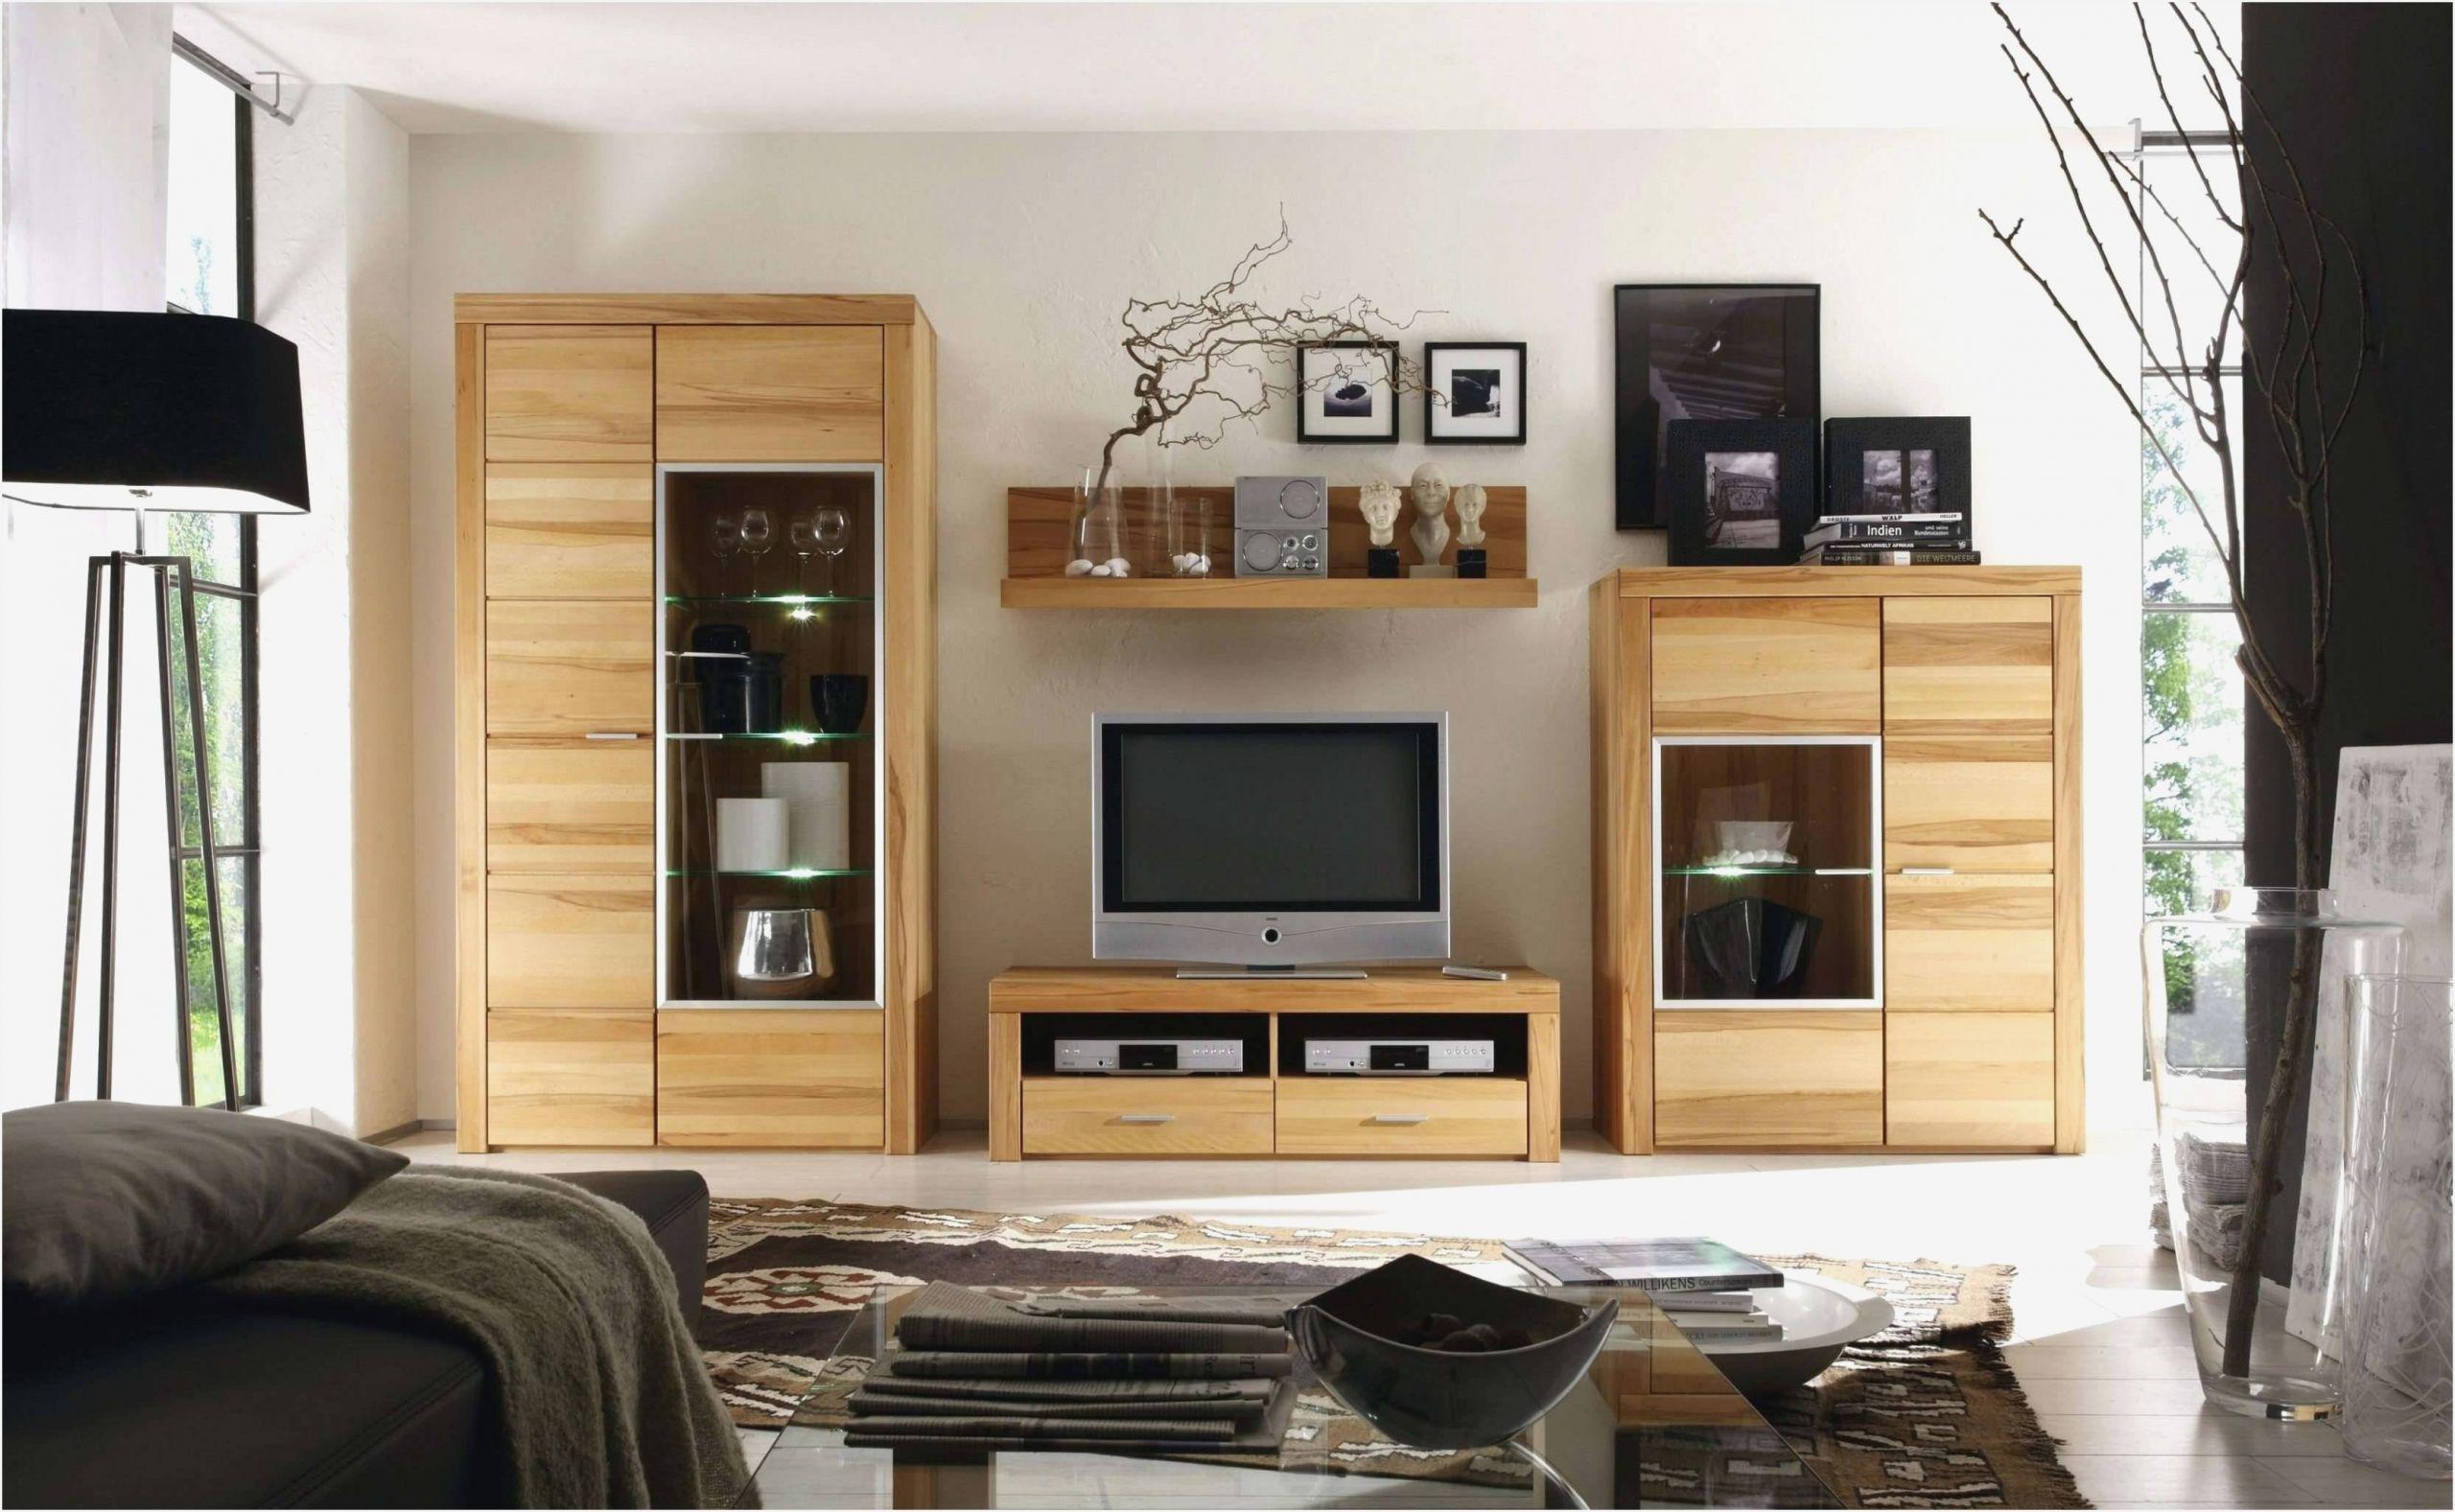 Full Size of Wohnzimmerschränke Ikea Küche Kosten Sofa Mit Schlaffunktion Betten Bei Miniküche 160x200 Kaufen Modulküche Wohnzimmer Wohnzimmerschränke Ikea